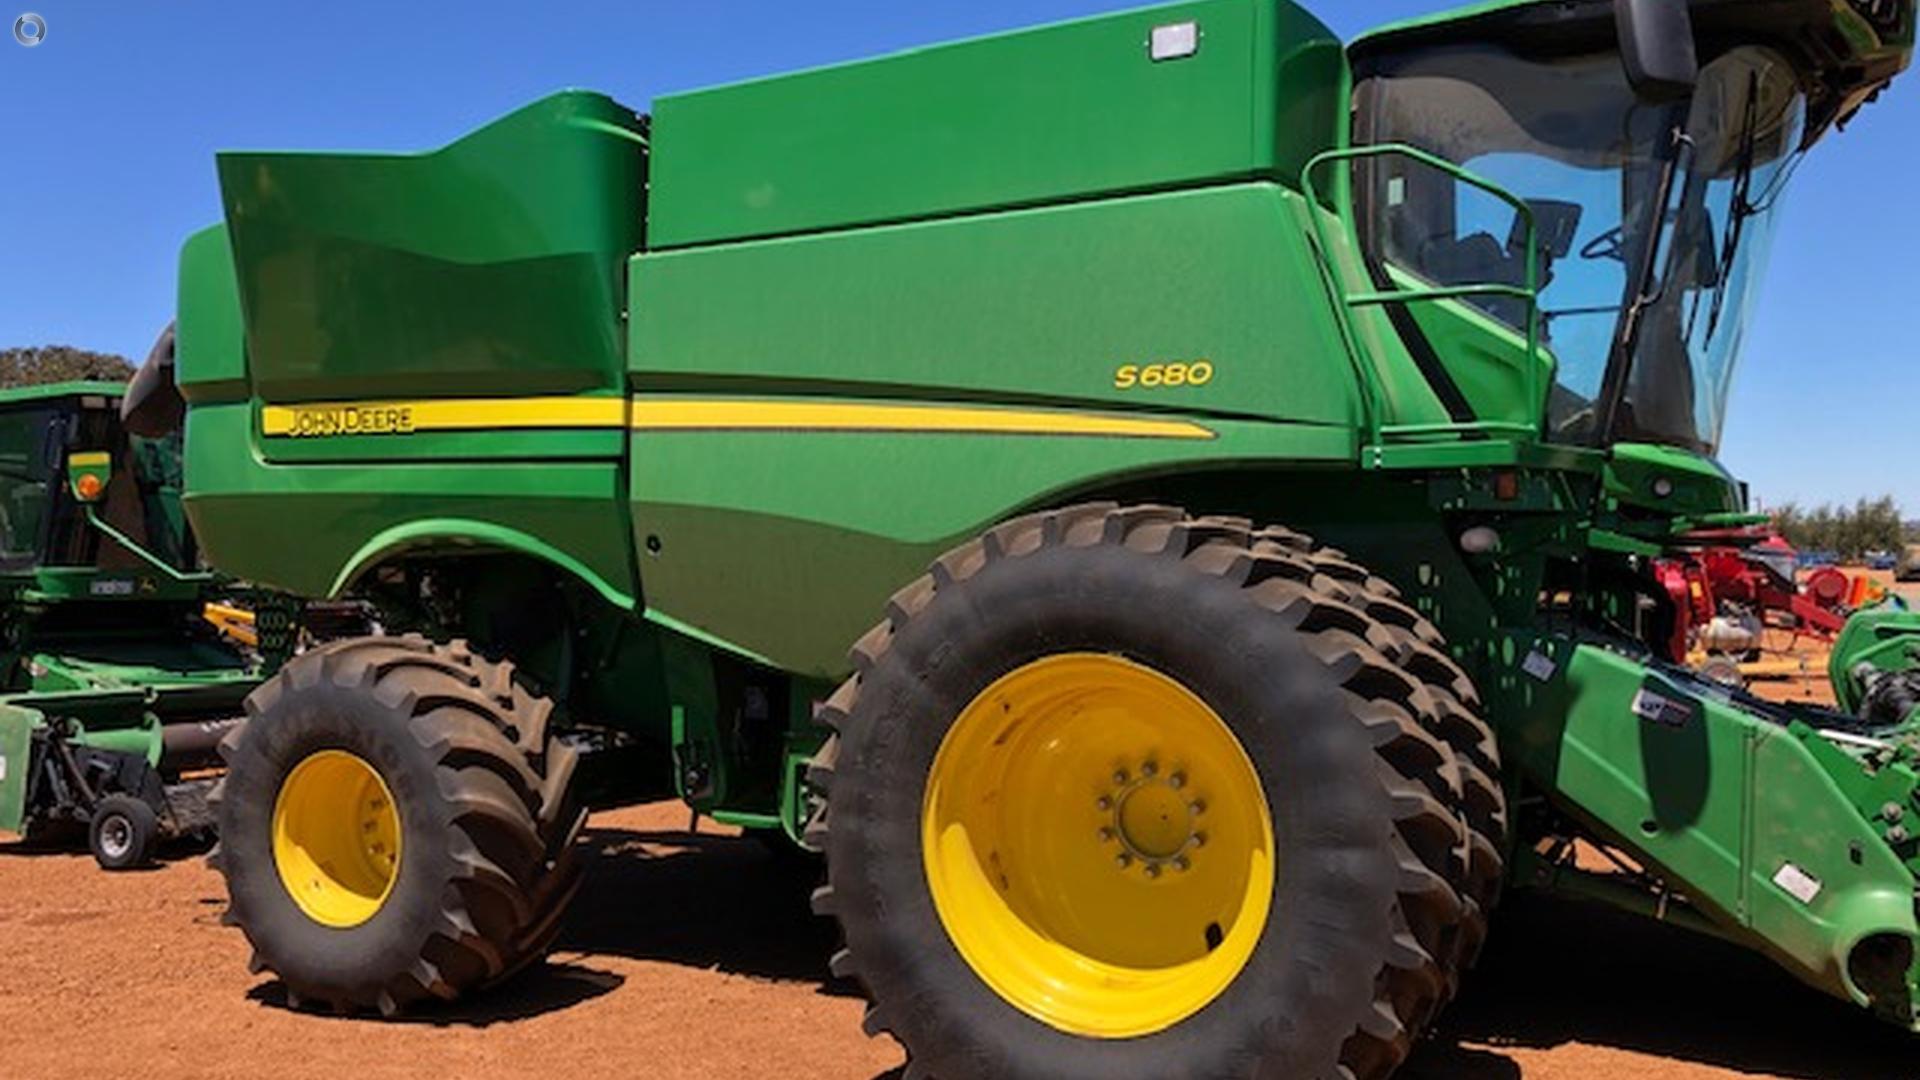 2015 John Deere S680 Combine Harvester